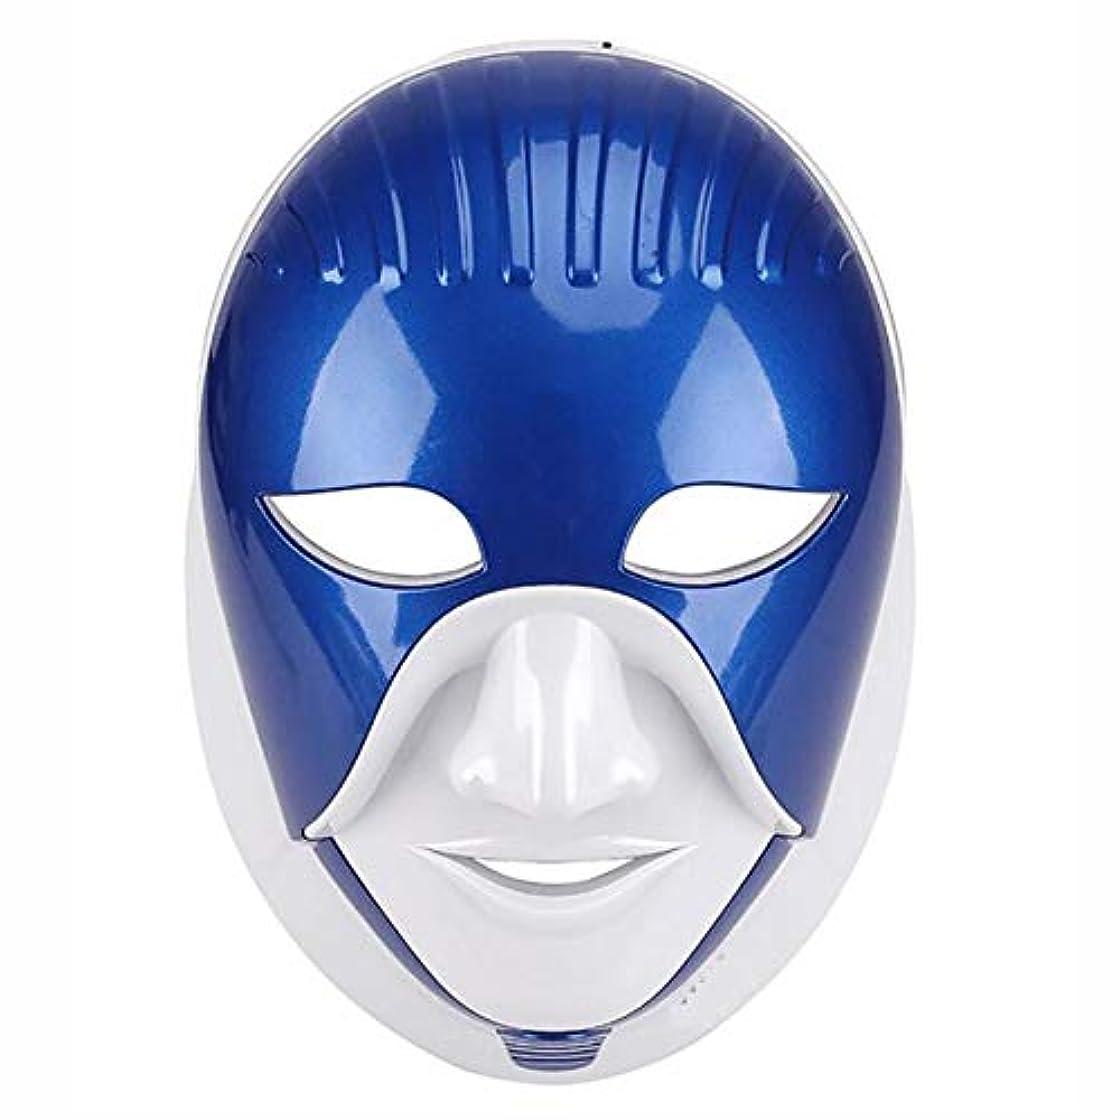 フェミニン学部長喉が渇いたLEDフェイスマスク治療マスク充電式7色Ledフェイシャルマスクスキンケアの顔の首のケア、CE承認(アルミボックス),ブルー